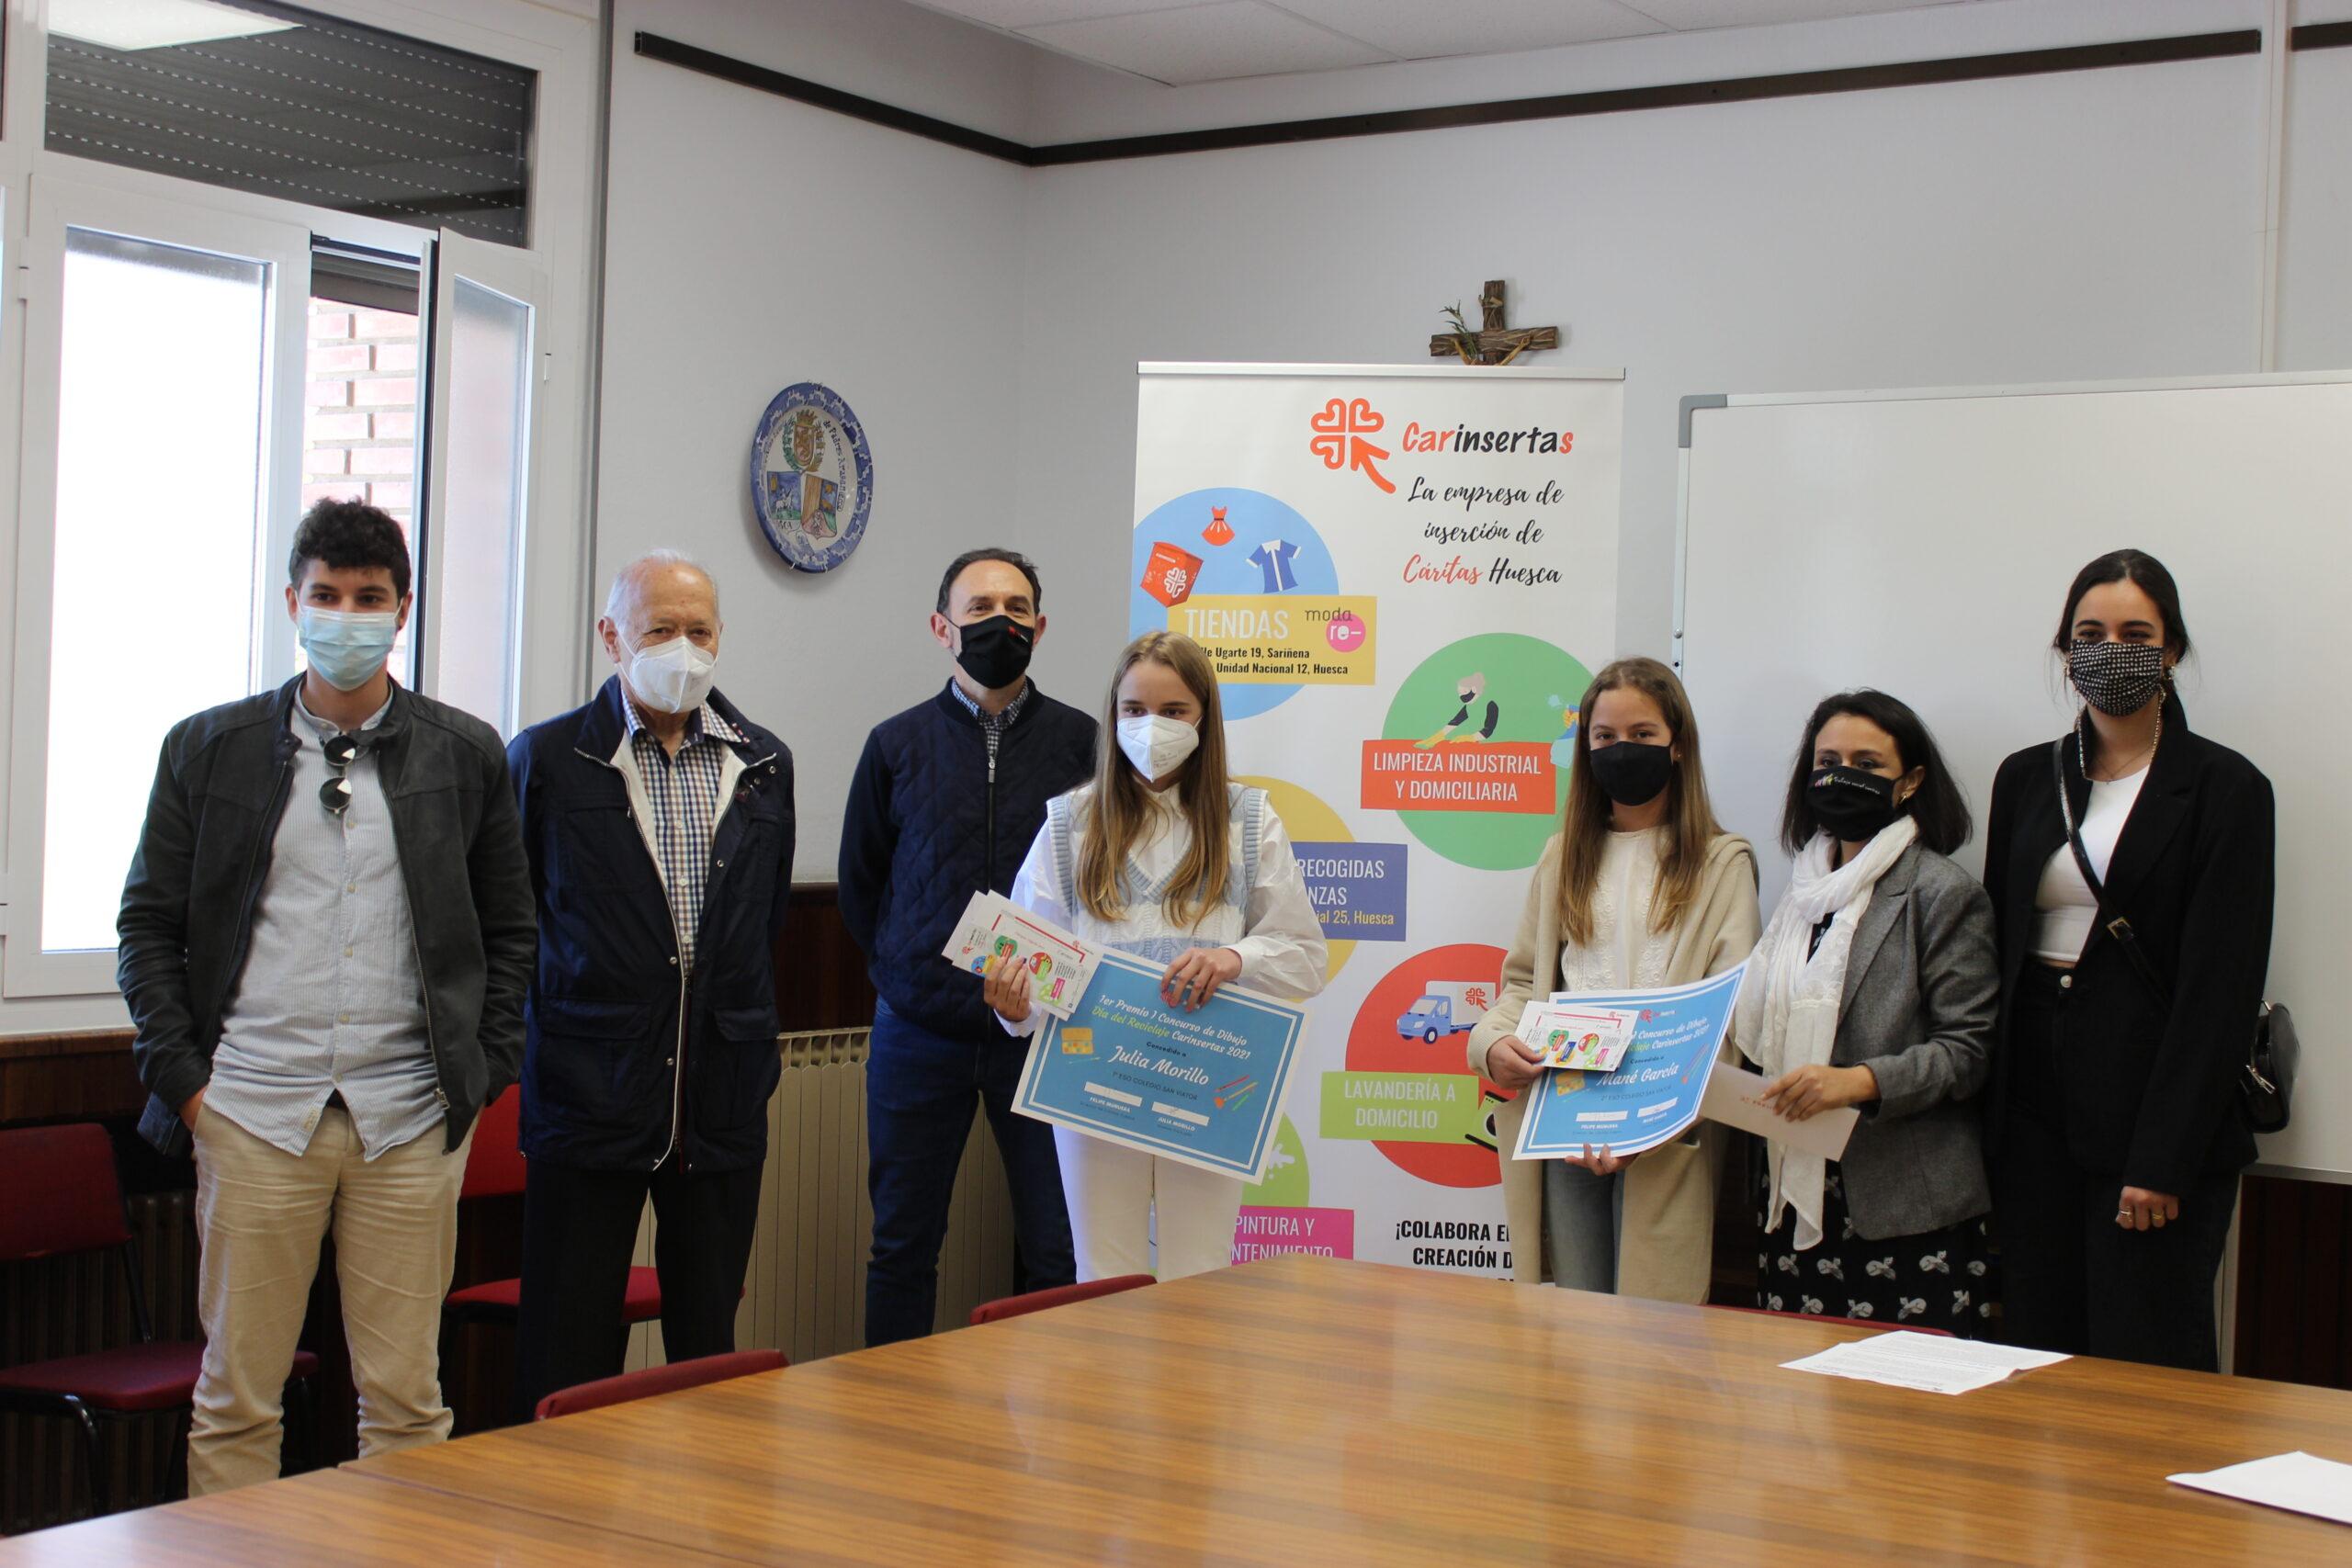 Carinsertas organiza su I Concurso de Diseño Artístico sobre economía solidaria y reciclaje